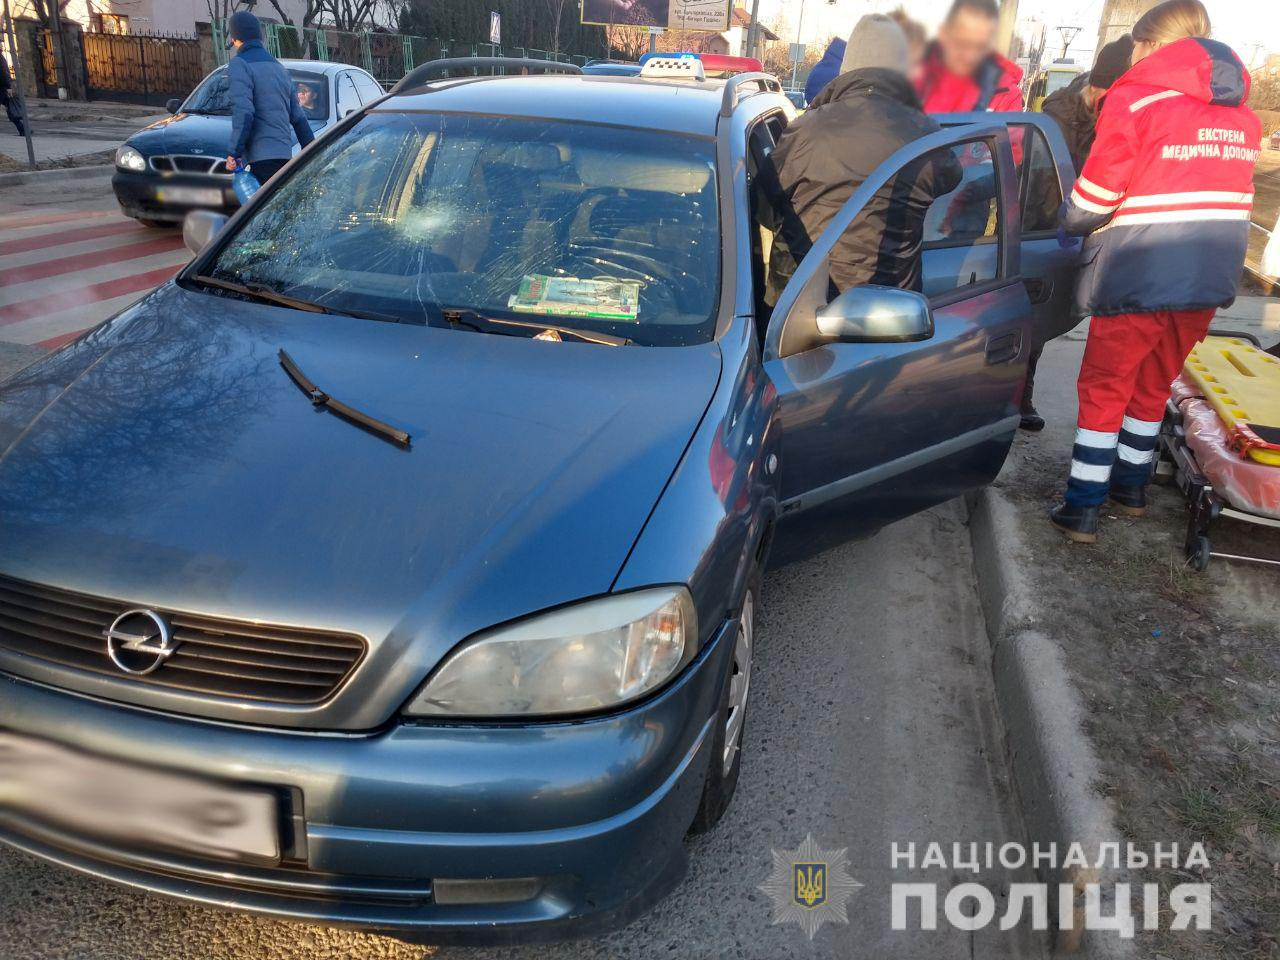 У Львові 12-річна дитина стала жертвою ДТП, - поліція